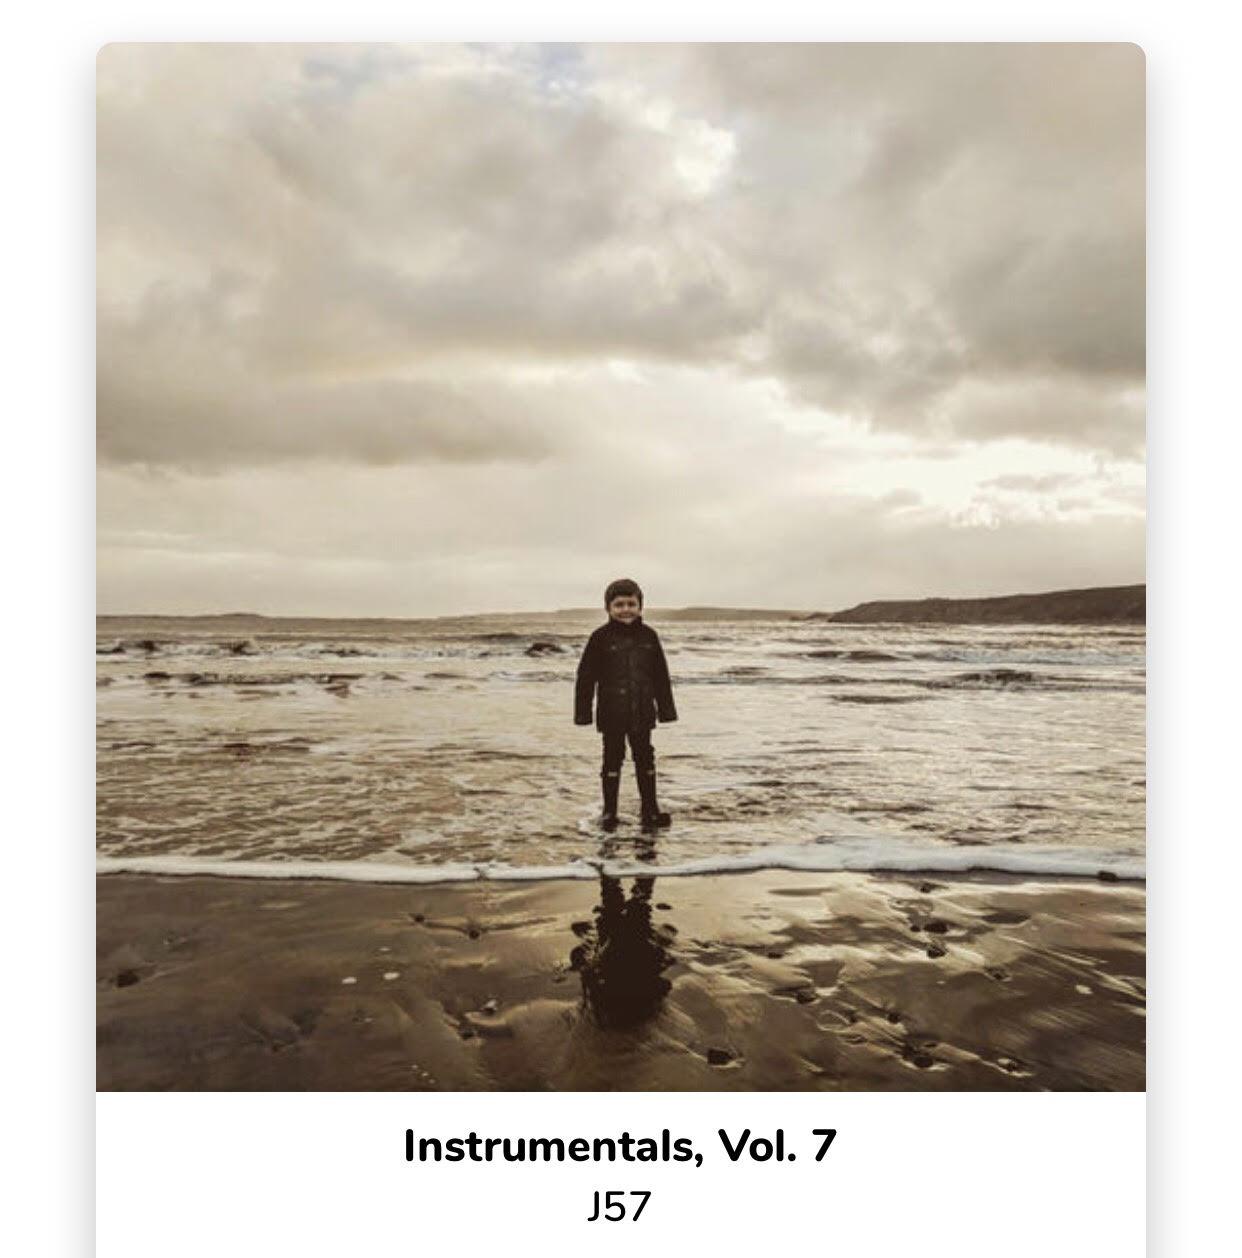 Instrumentals Vol. 7 - J57